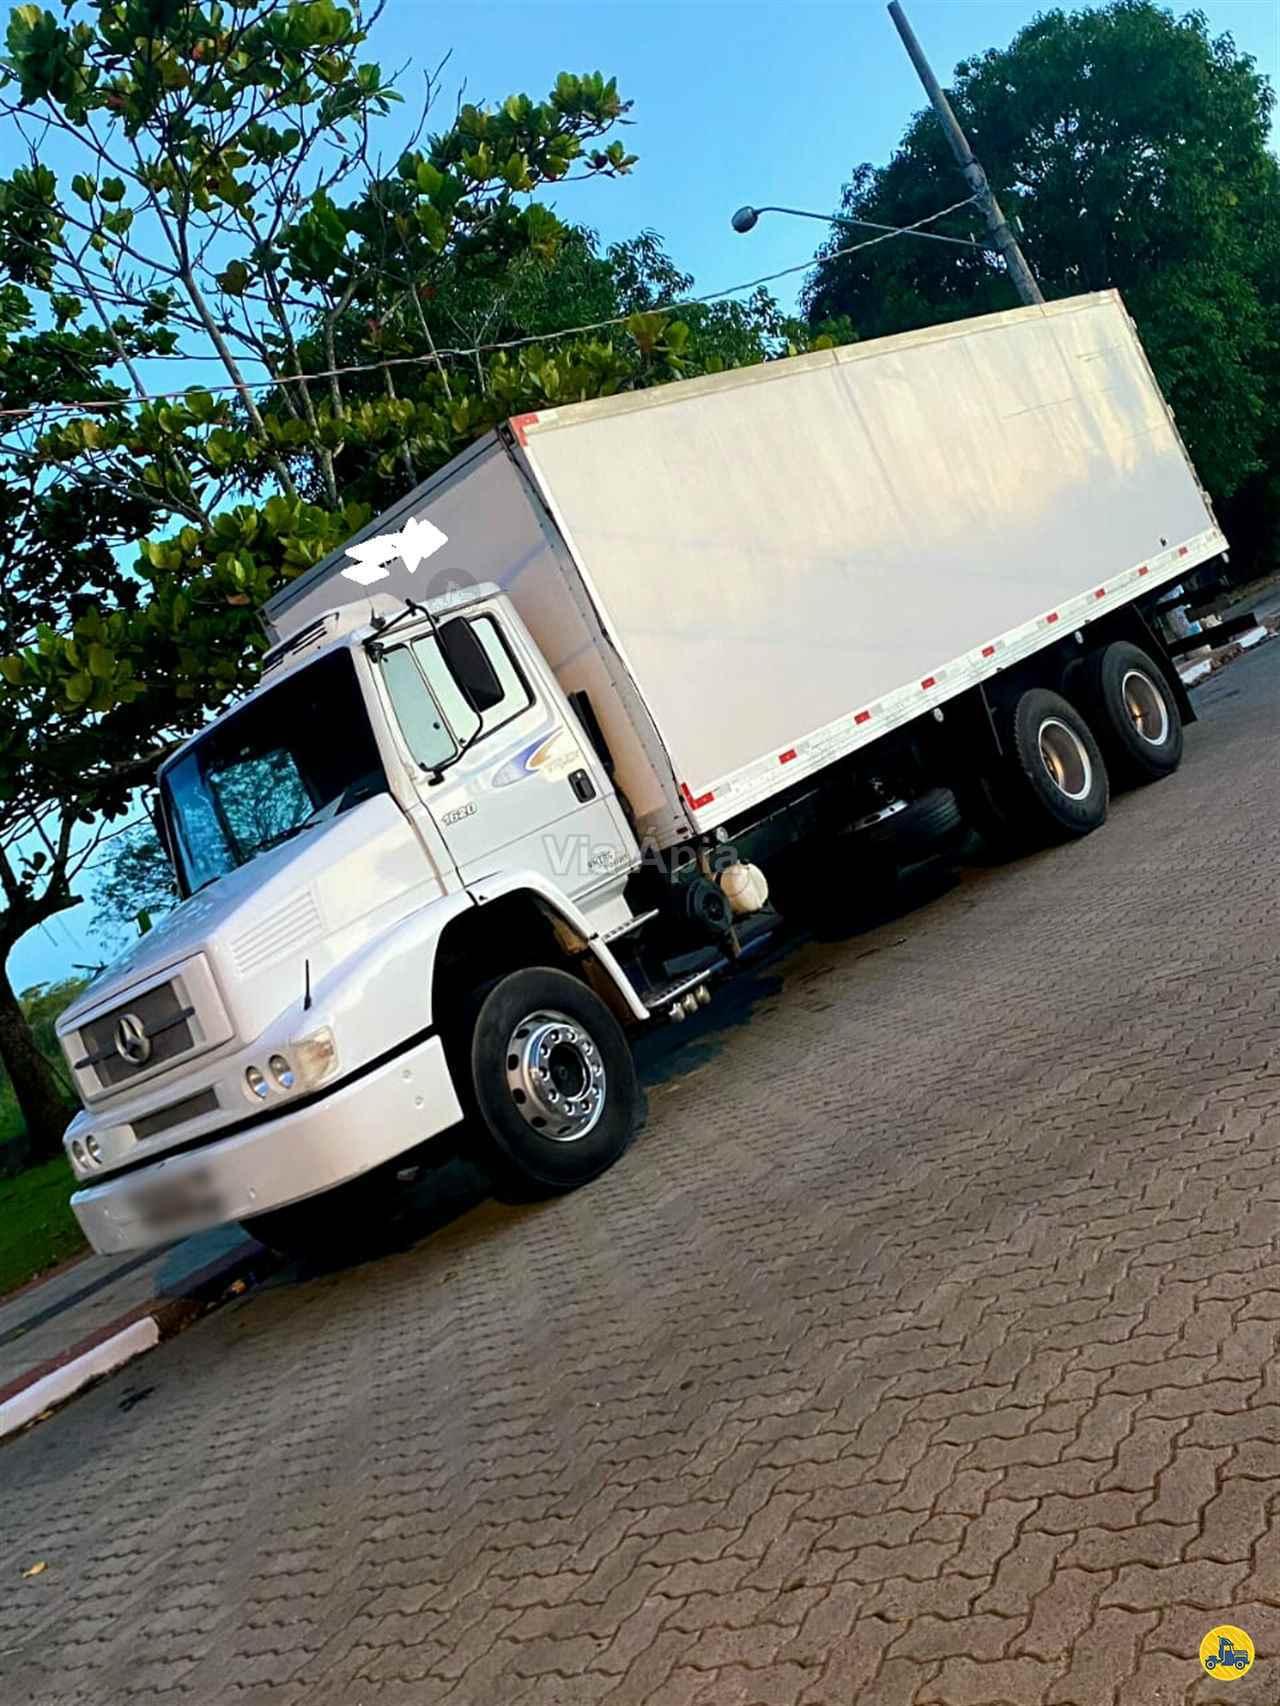 CAMINHAO MERCEDES-BENZ MB 1620 Baú Furgão Truck 6x2 Via Ápia Caminhões SAO PAULO SÃO PAULO SP